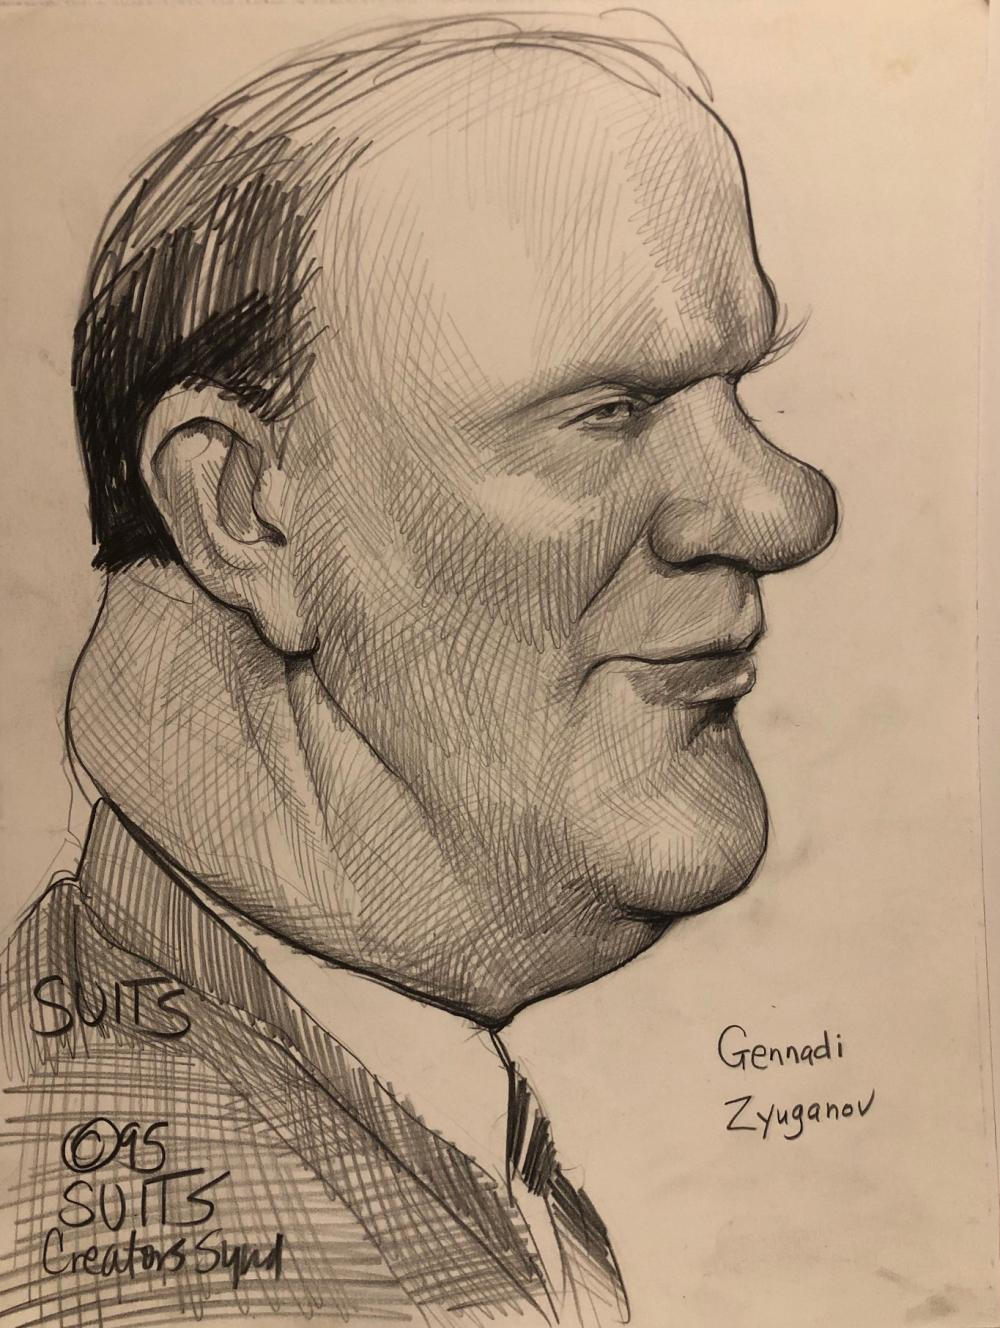 Grennadi Zyuganov caricature